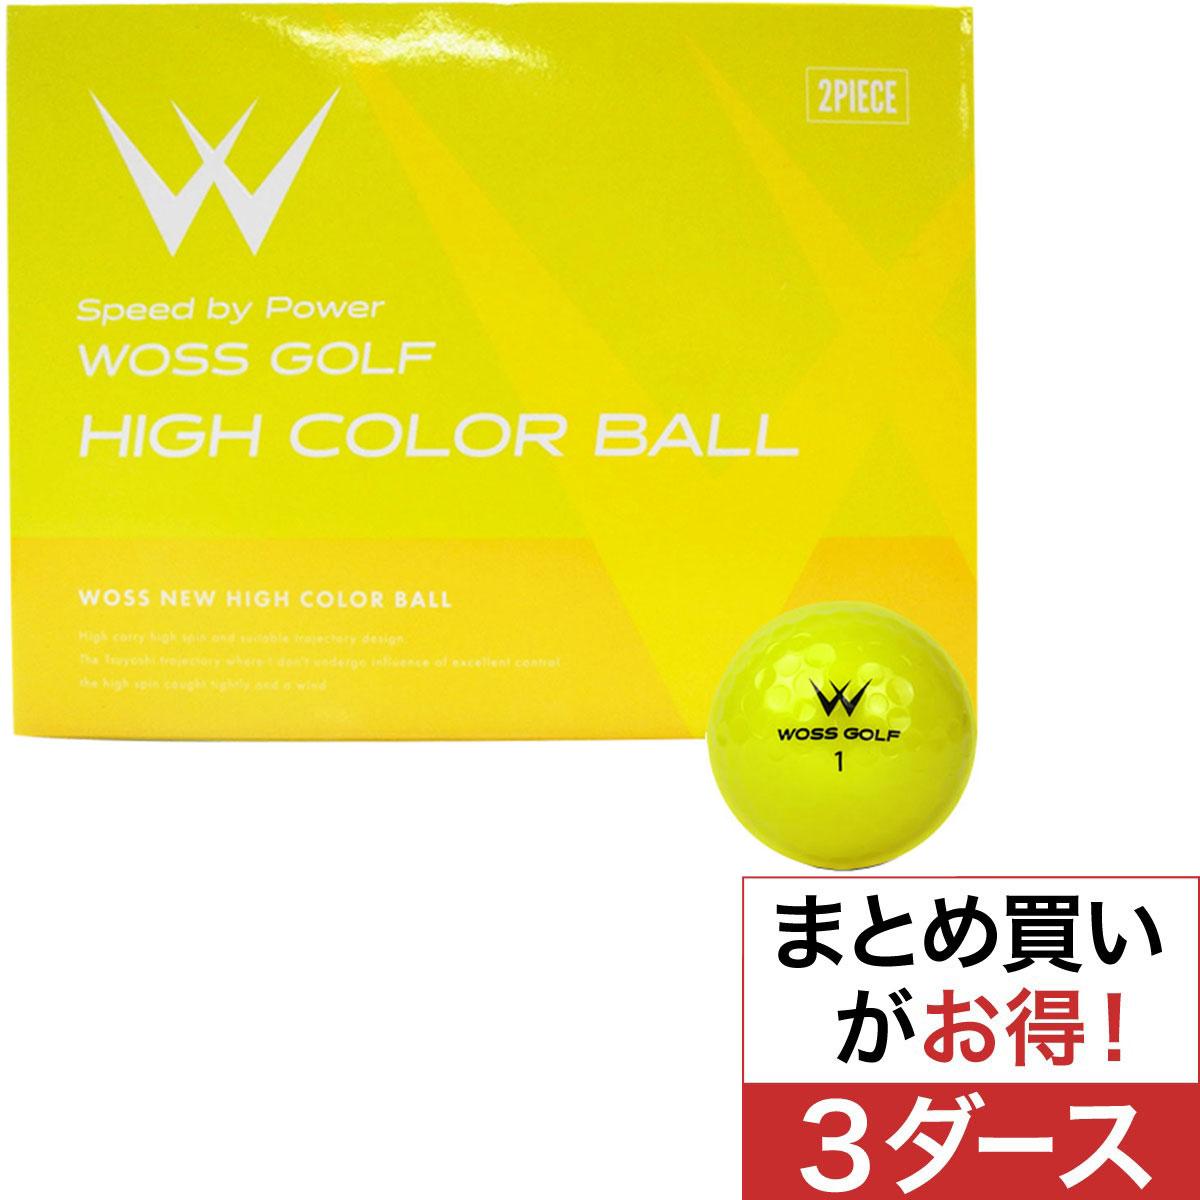 ハイカラーボール 3ダースセット【非公認球】